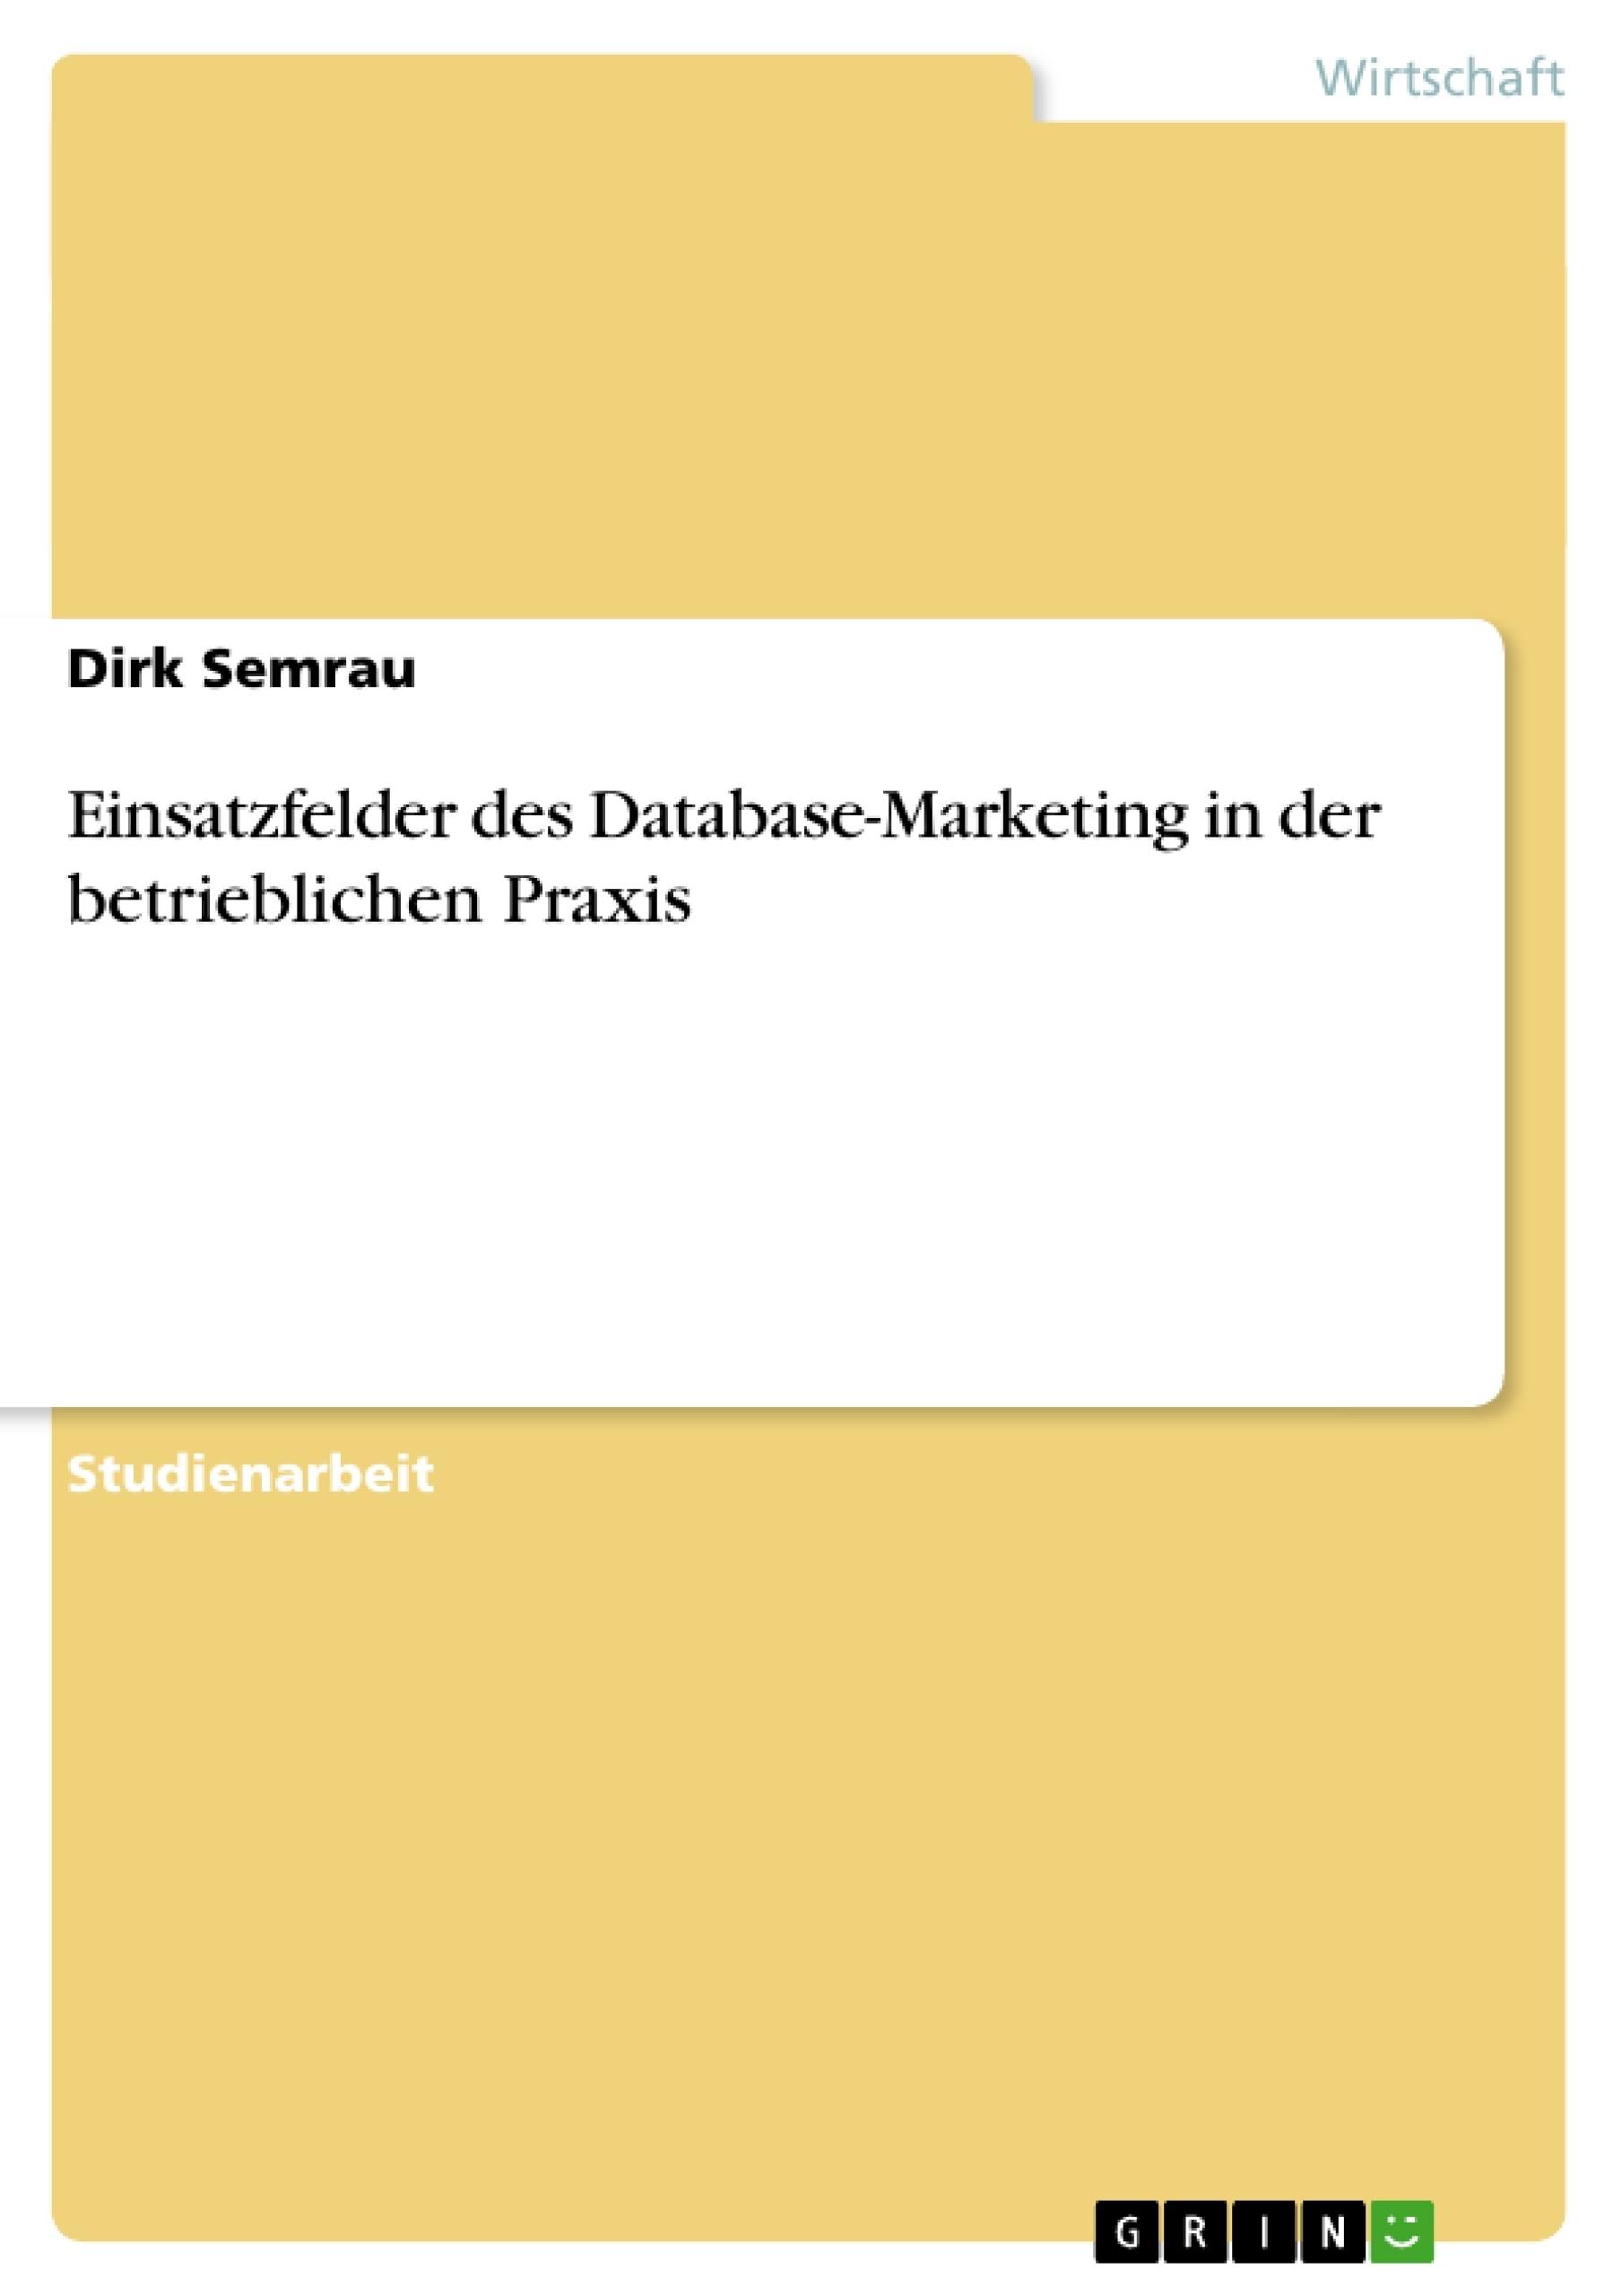 Titel: Einsatzfelder des Database-Marketing in der betrieblichen Praxis